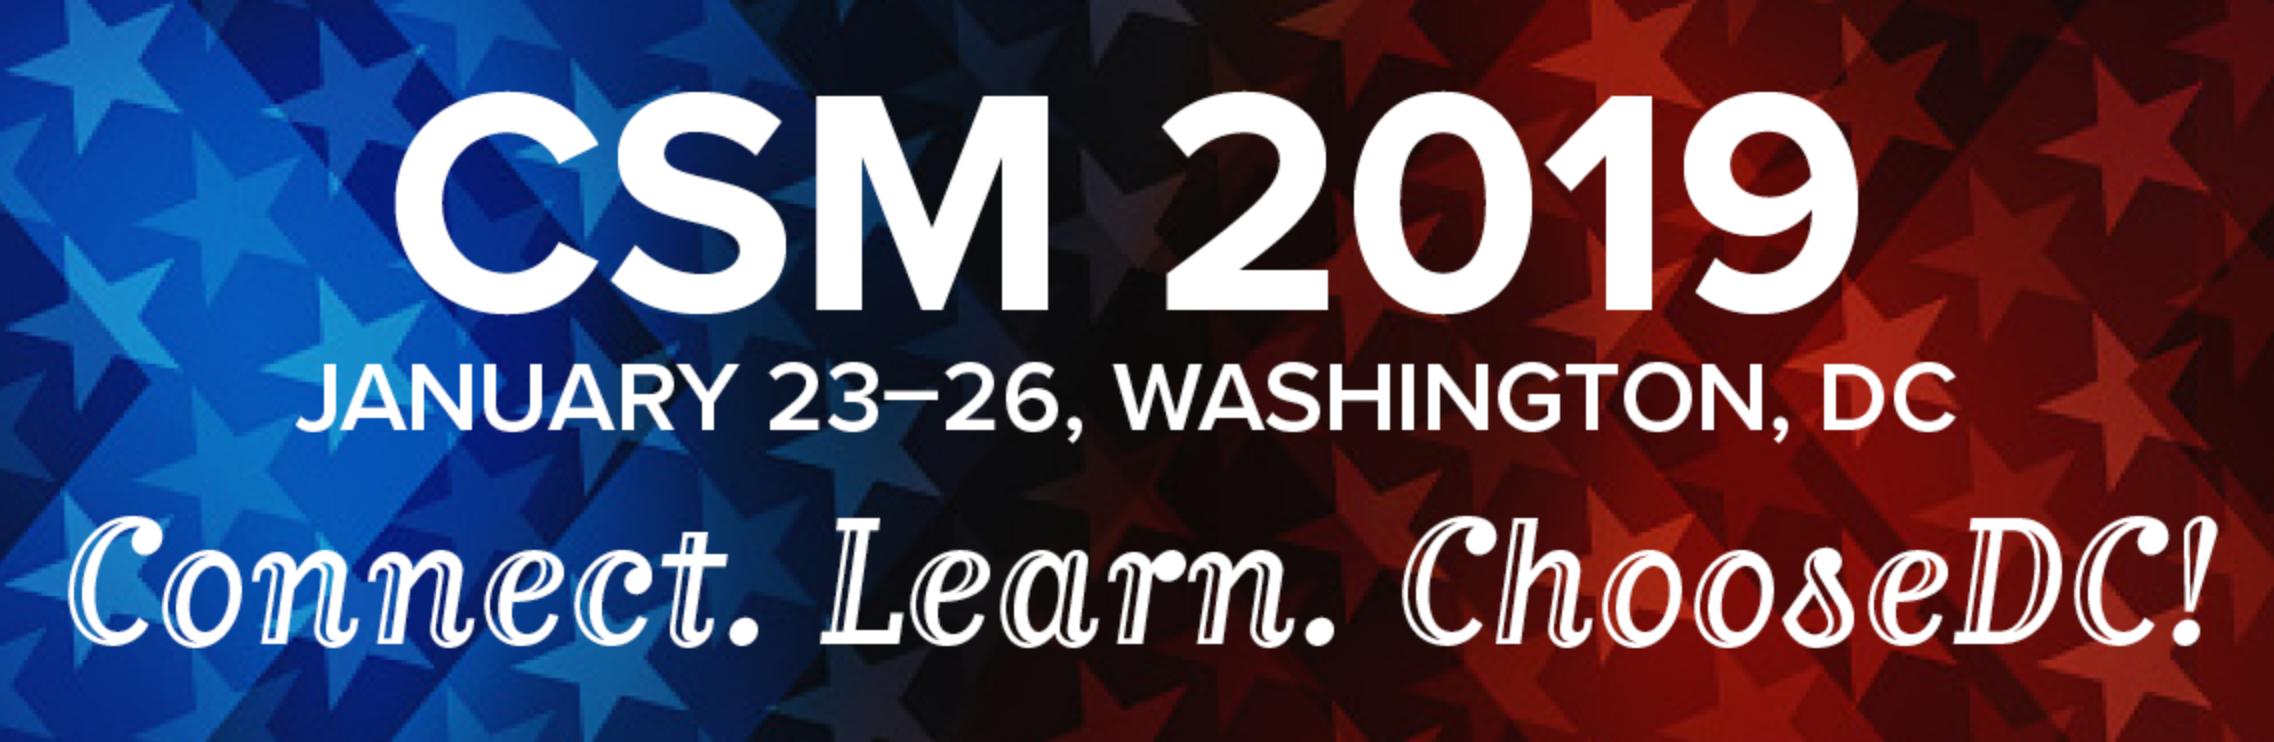 CSM 2019